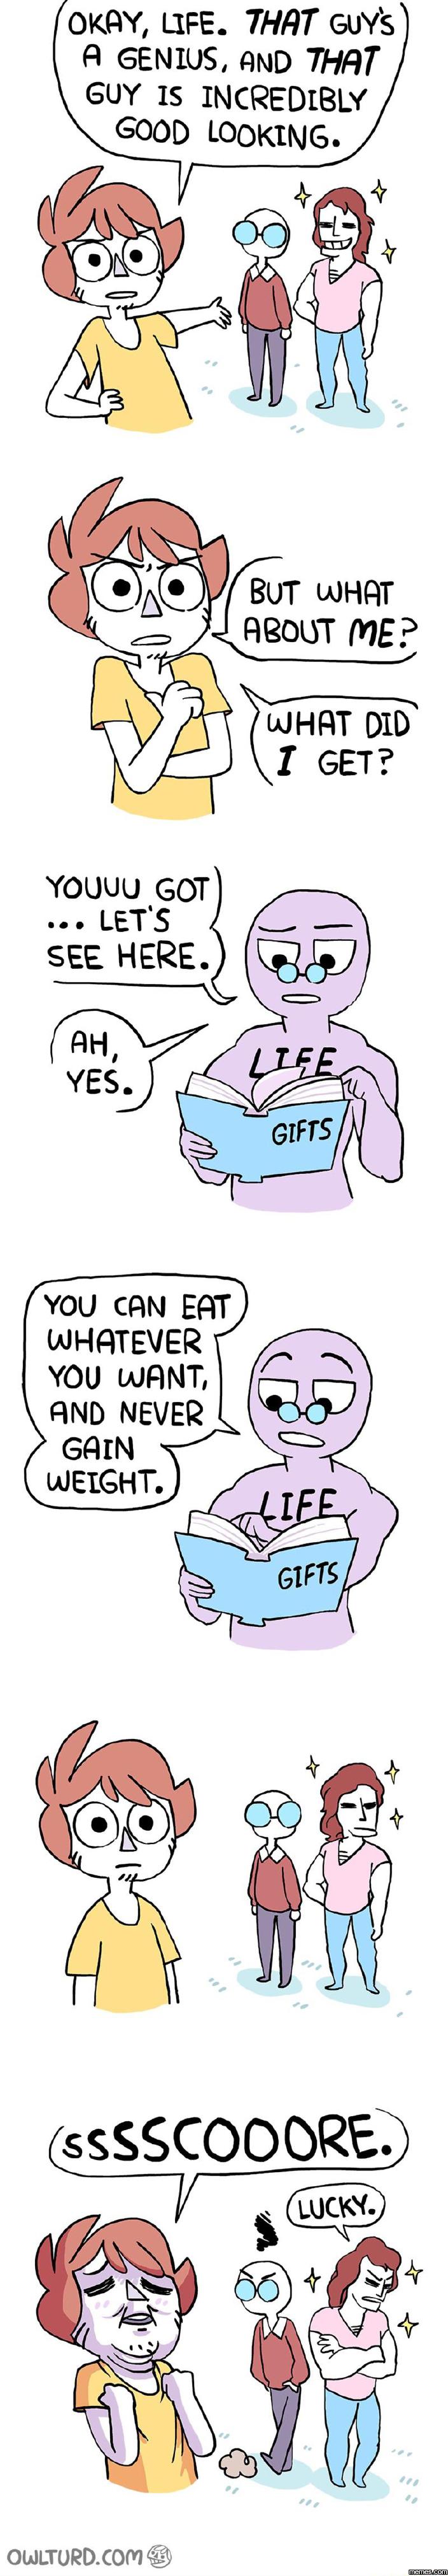 Okay, life